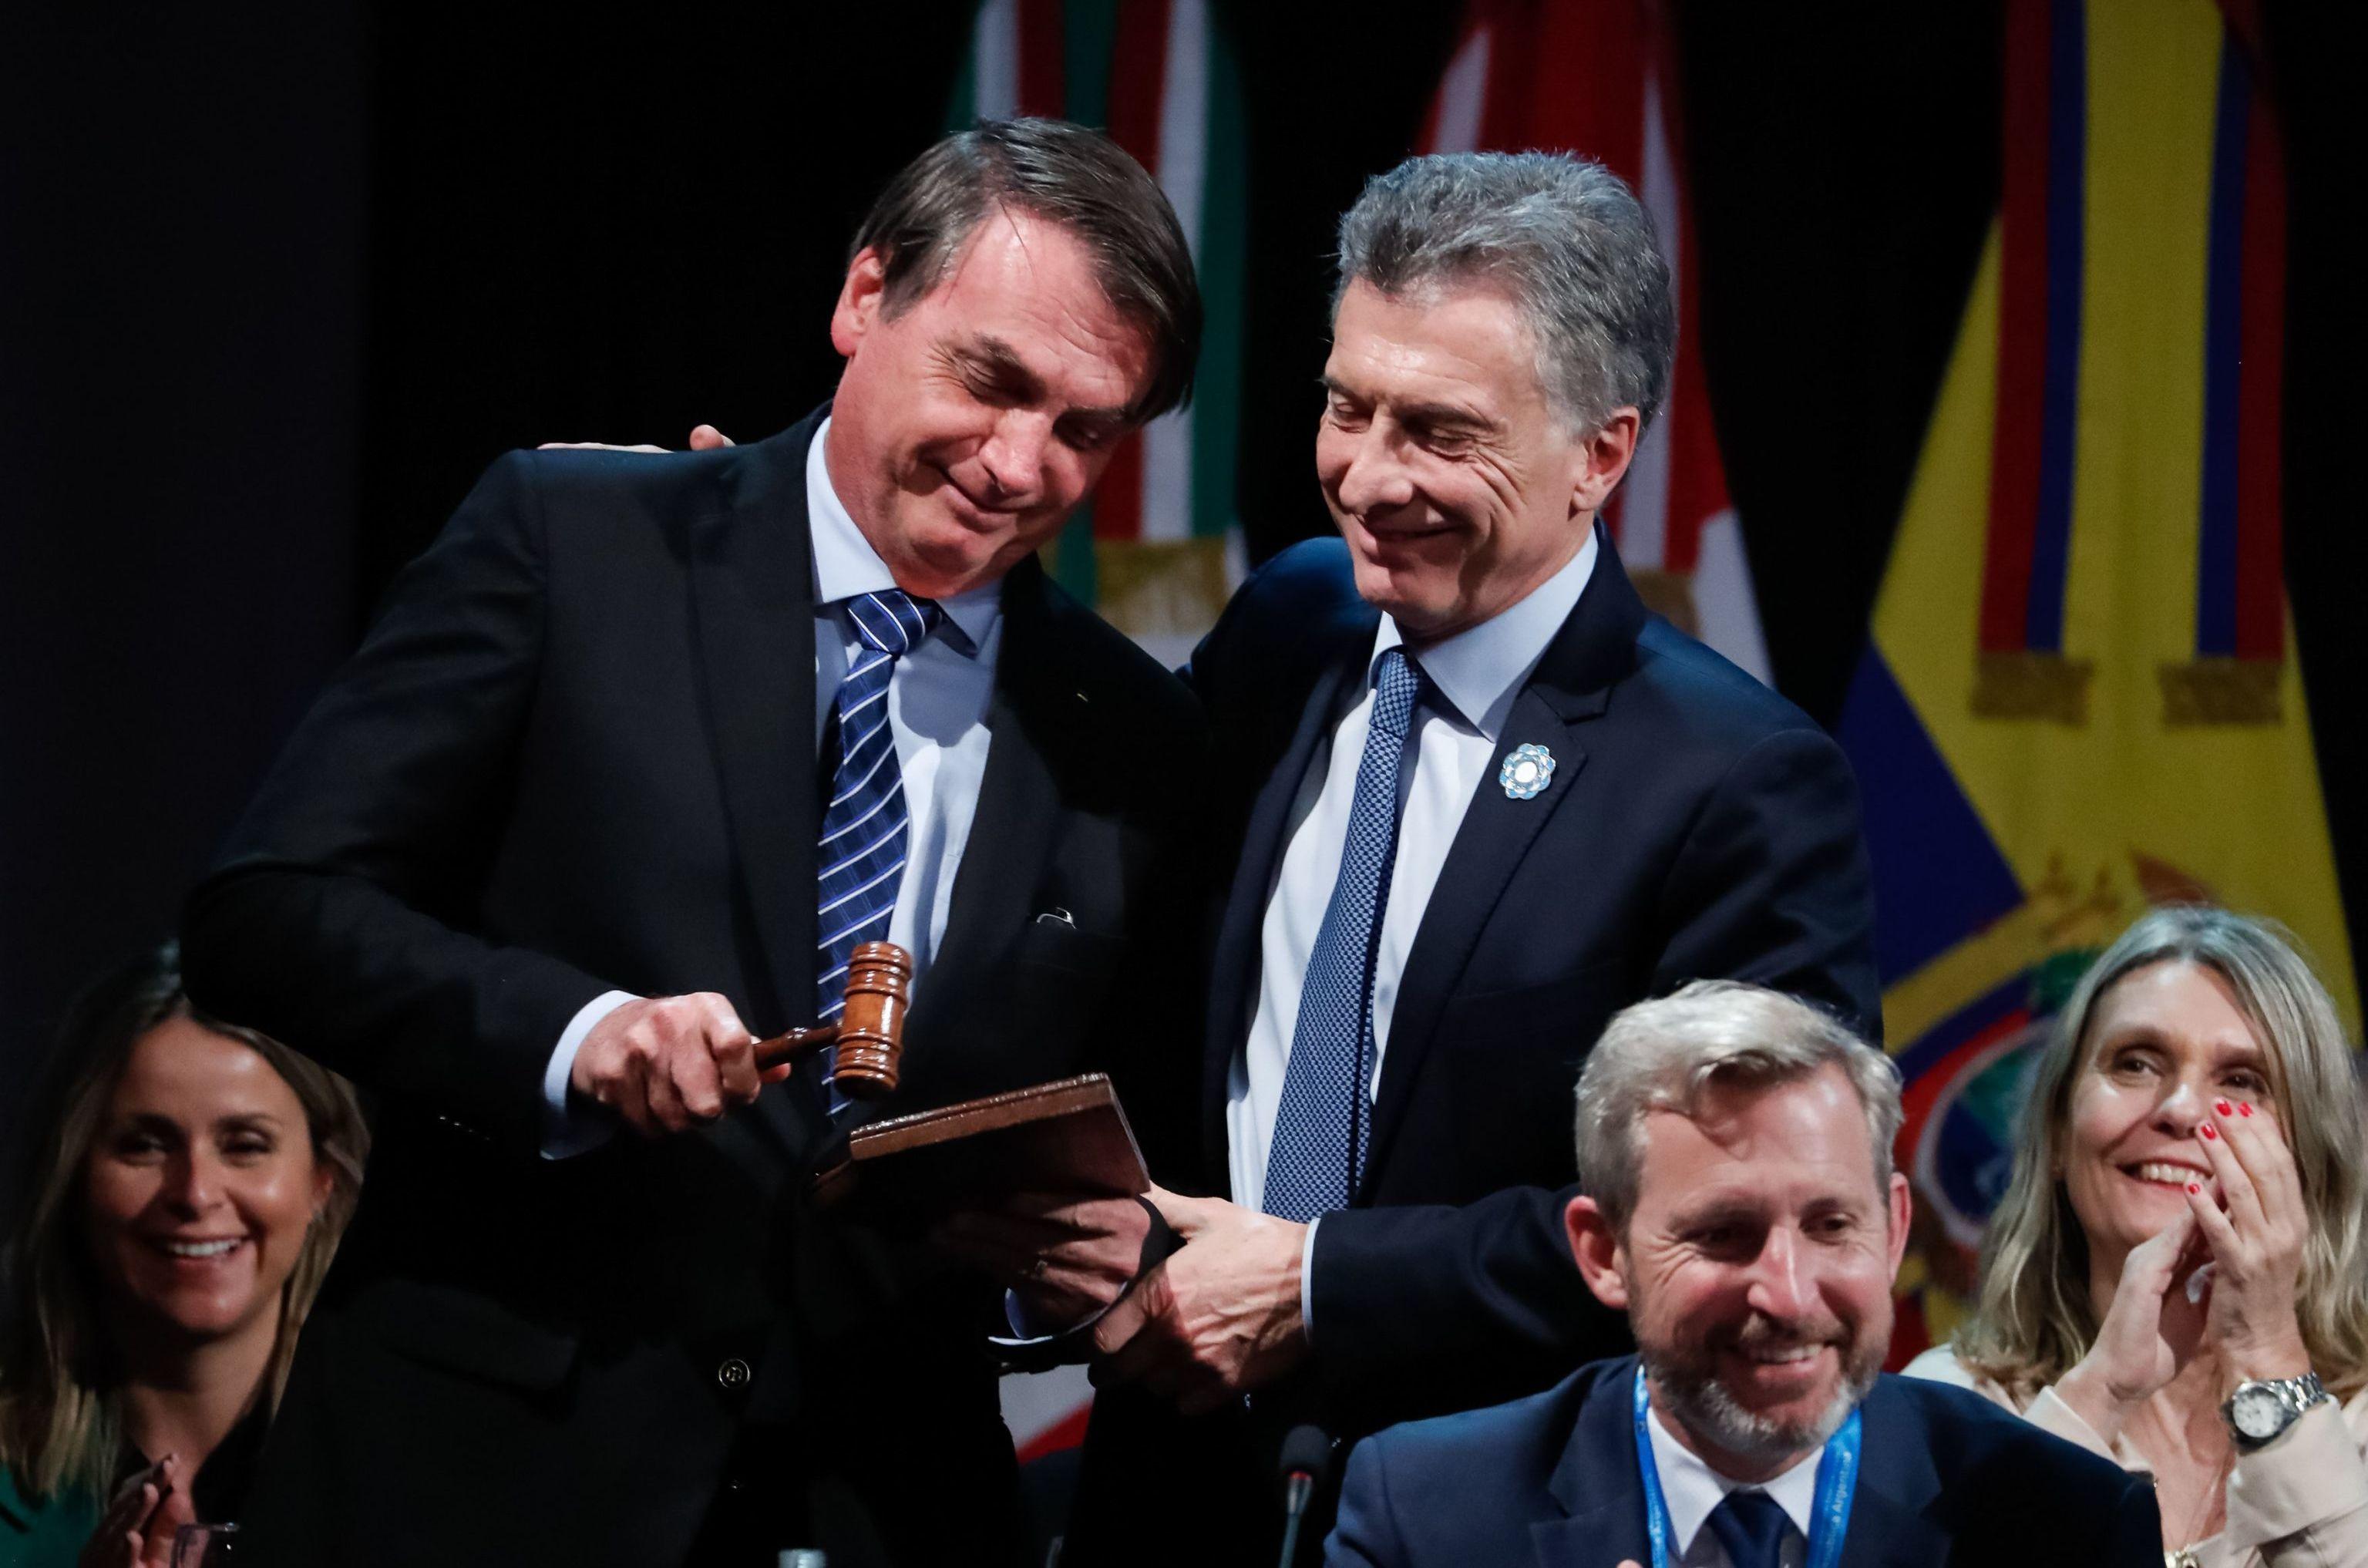 Brasil recebe da Argentina a Presidência pró-tempore do Mercosul, em agosto de 2019